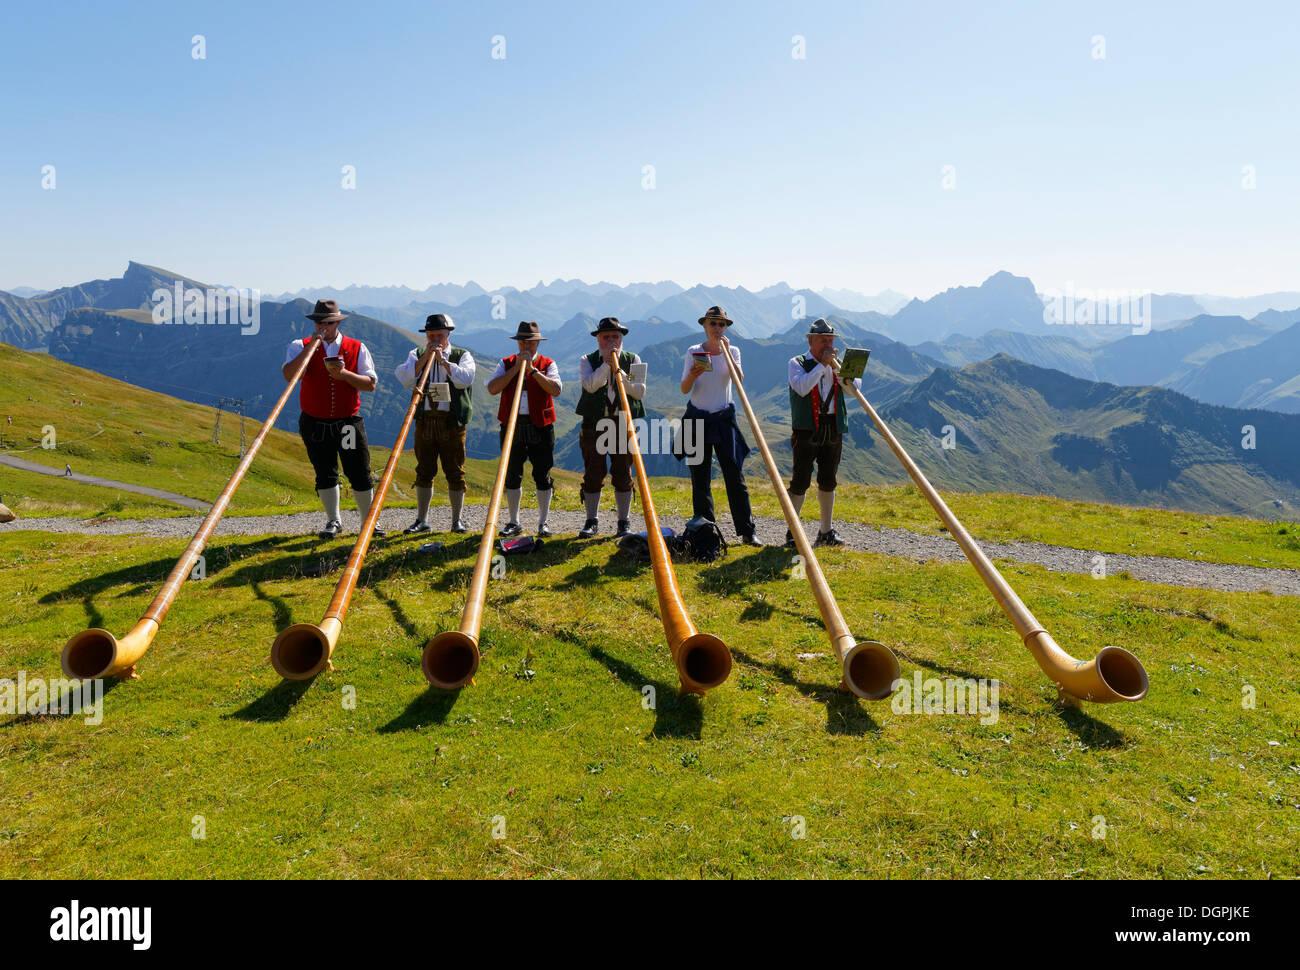 Alphorn jugadores, Diedamskopf, Schoppernau, Bregenzerwald, Bregenzer Wald, Vorarlberg, Austria Foto de stock